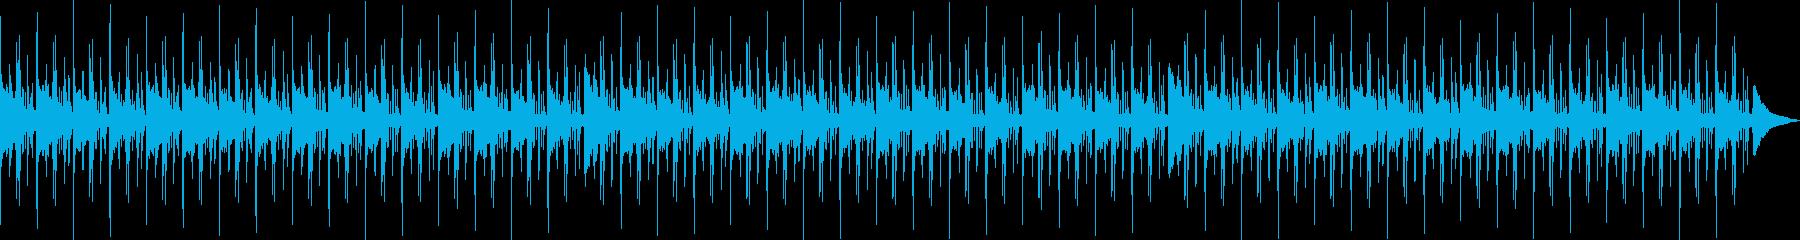 リラックス・ローファイヒップホップの再生済みの波形